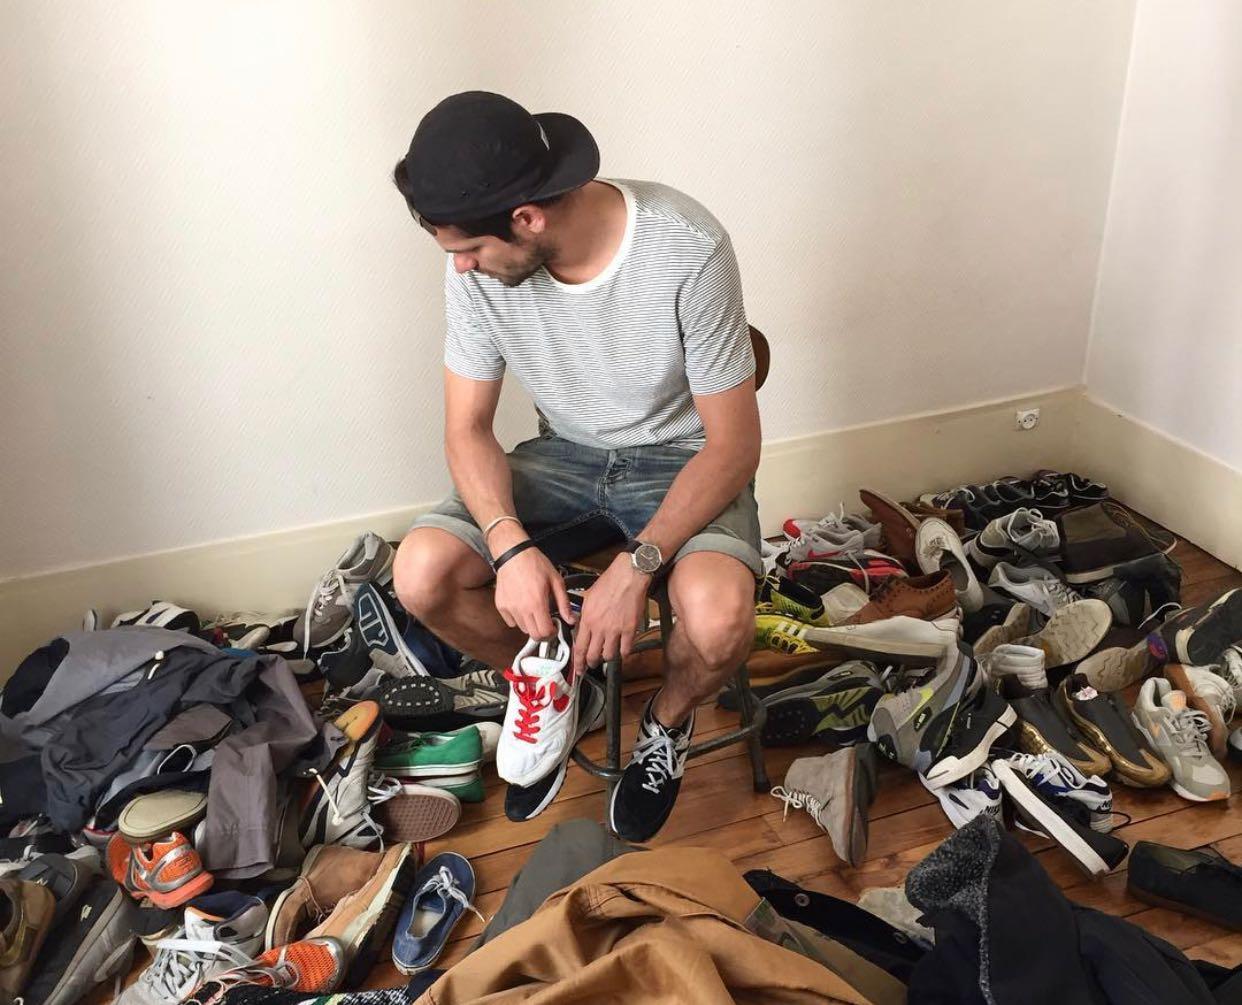 comment faire un choix quand on hésite entre deux modèles ou vêtements ou chaussures conseil astuce mode masculine